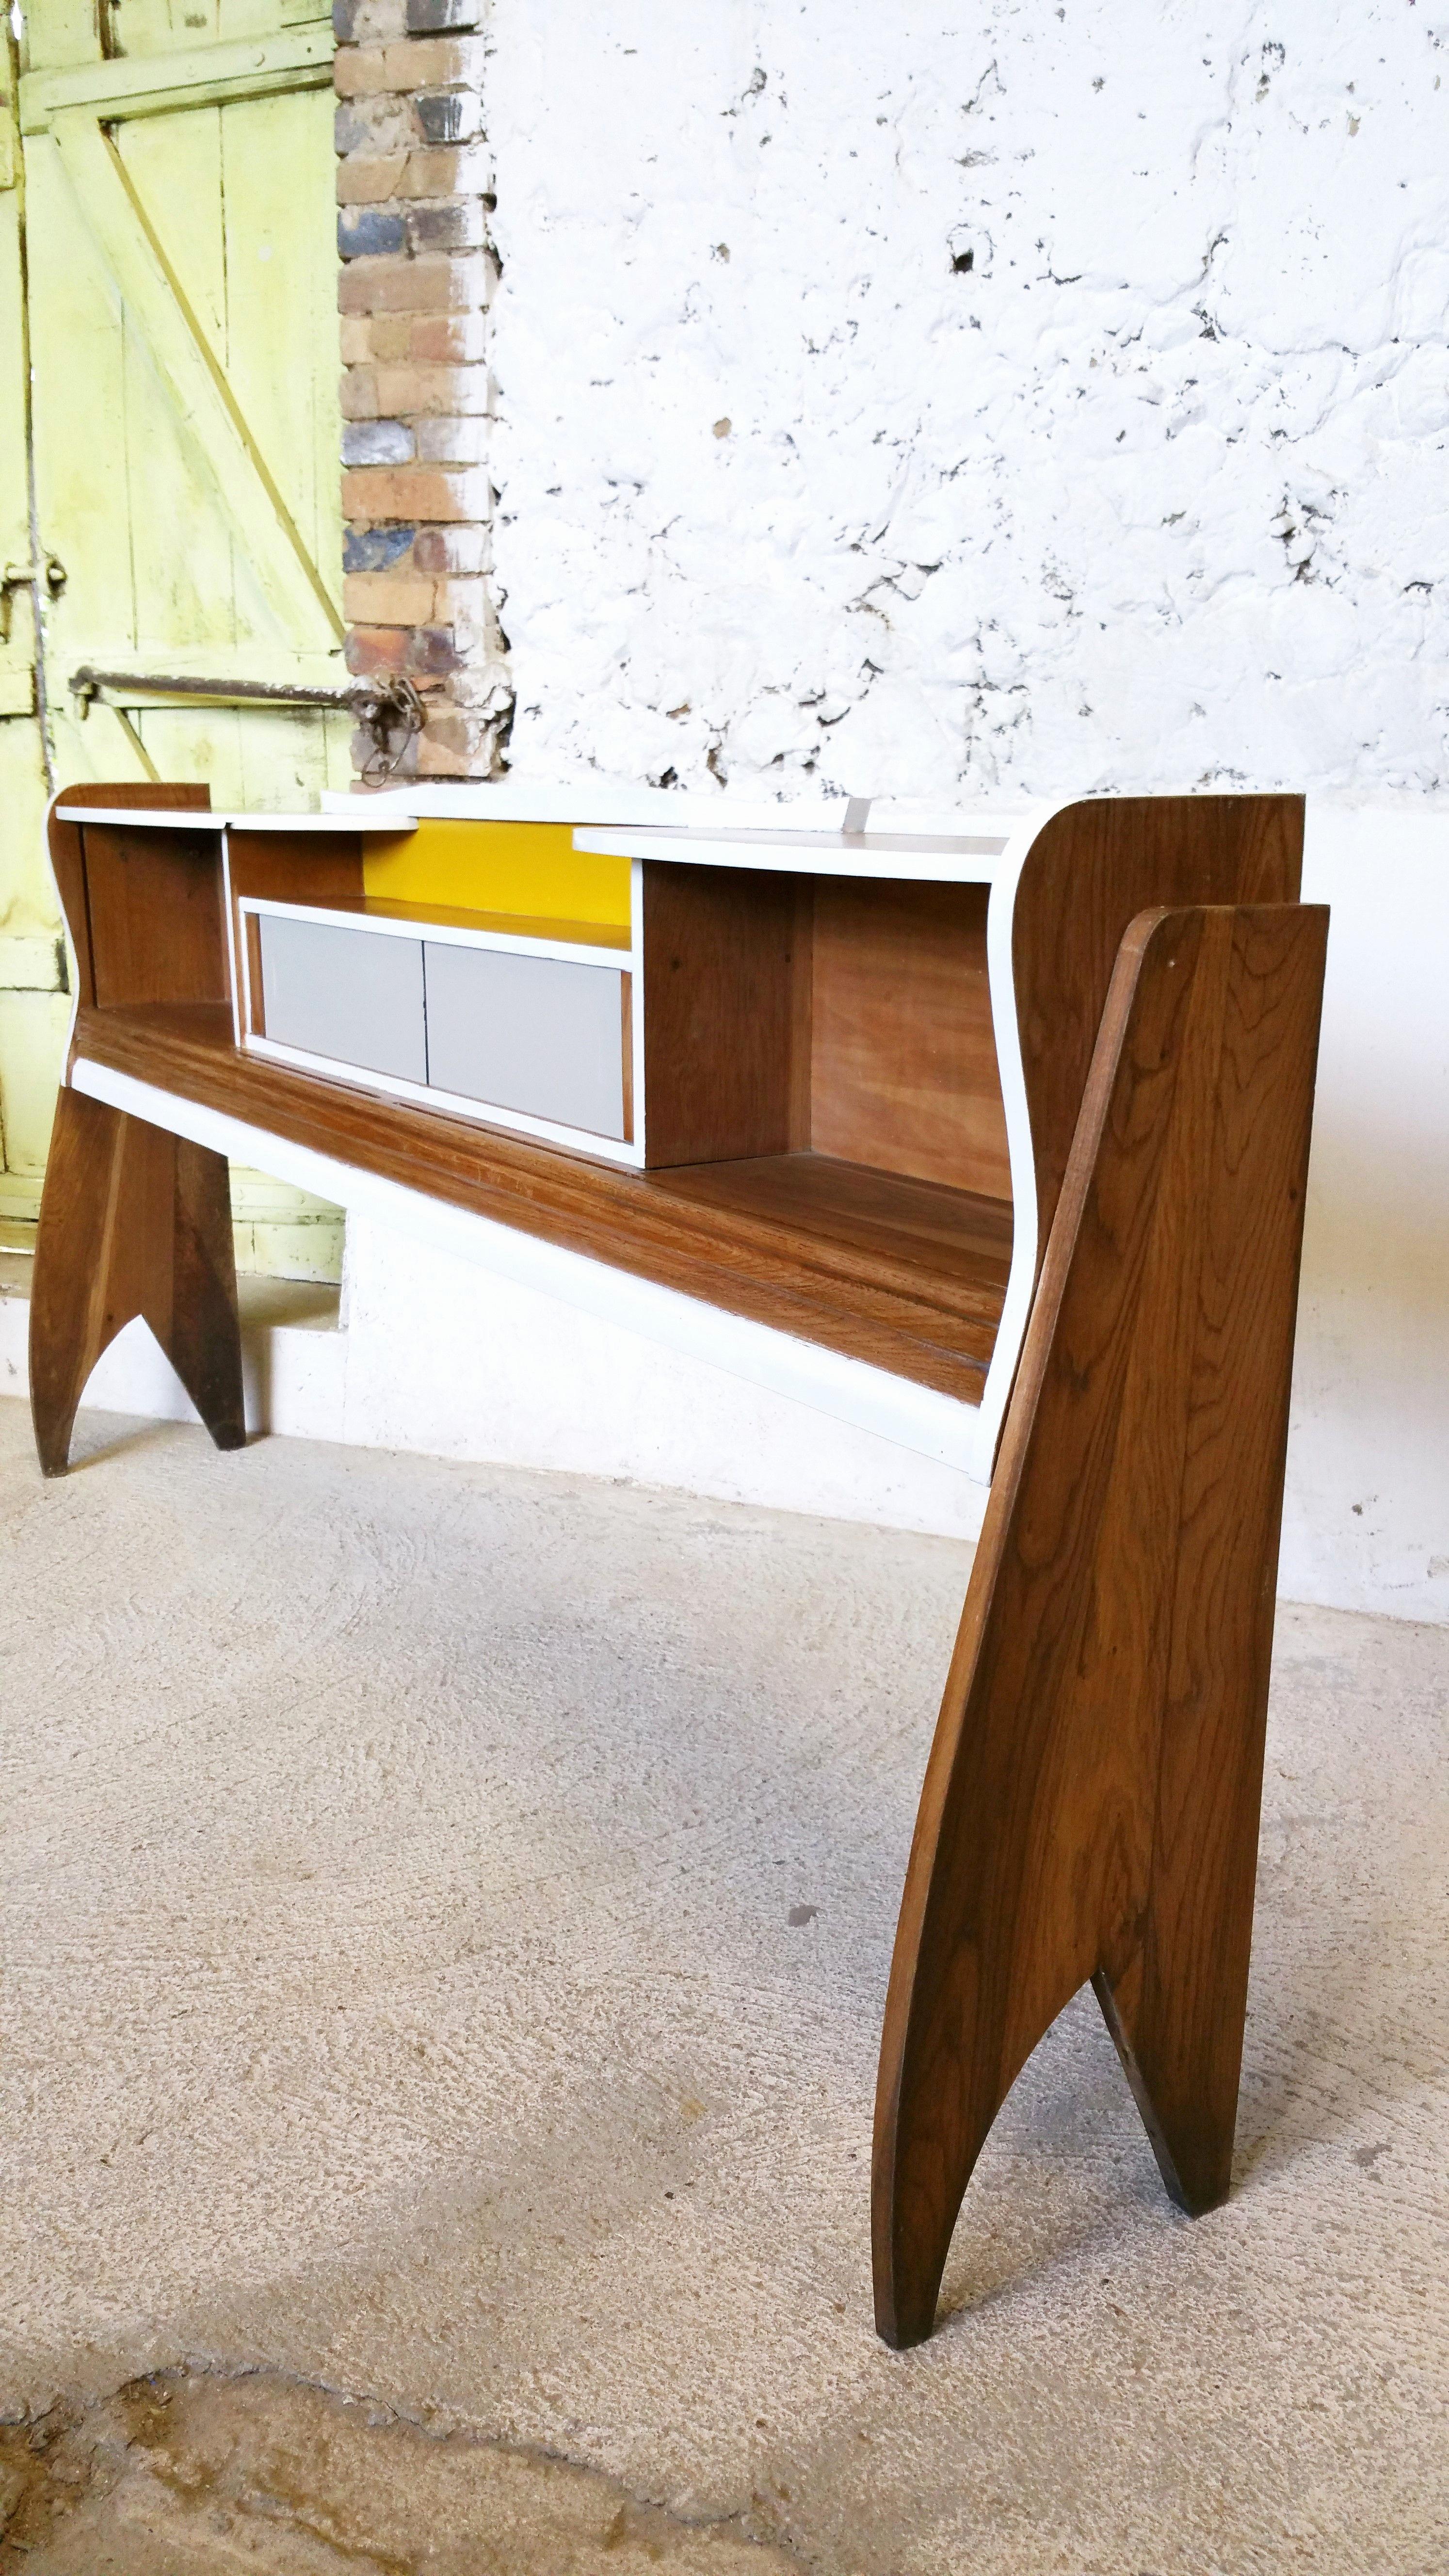 Table Cuisine Conforama Luxe Collection Inspirer 40 De Table De Salon Concept